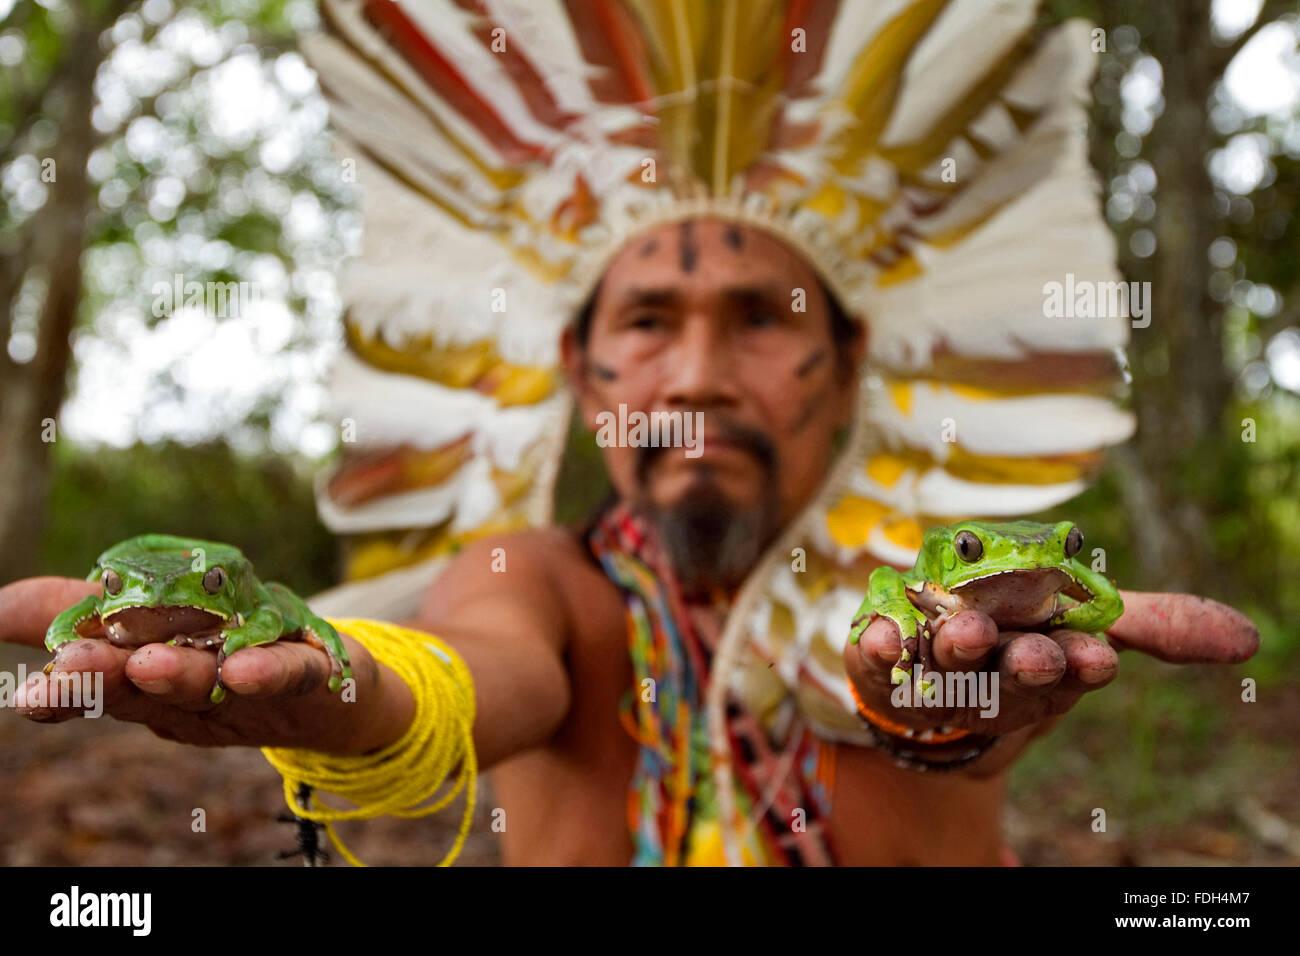 Shaman with frogs to elaborate Kambo medicine. Amazon. Alto jurua. Croa, Brazil Stock Photo